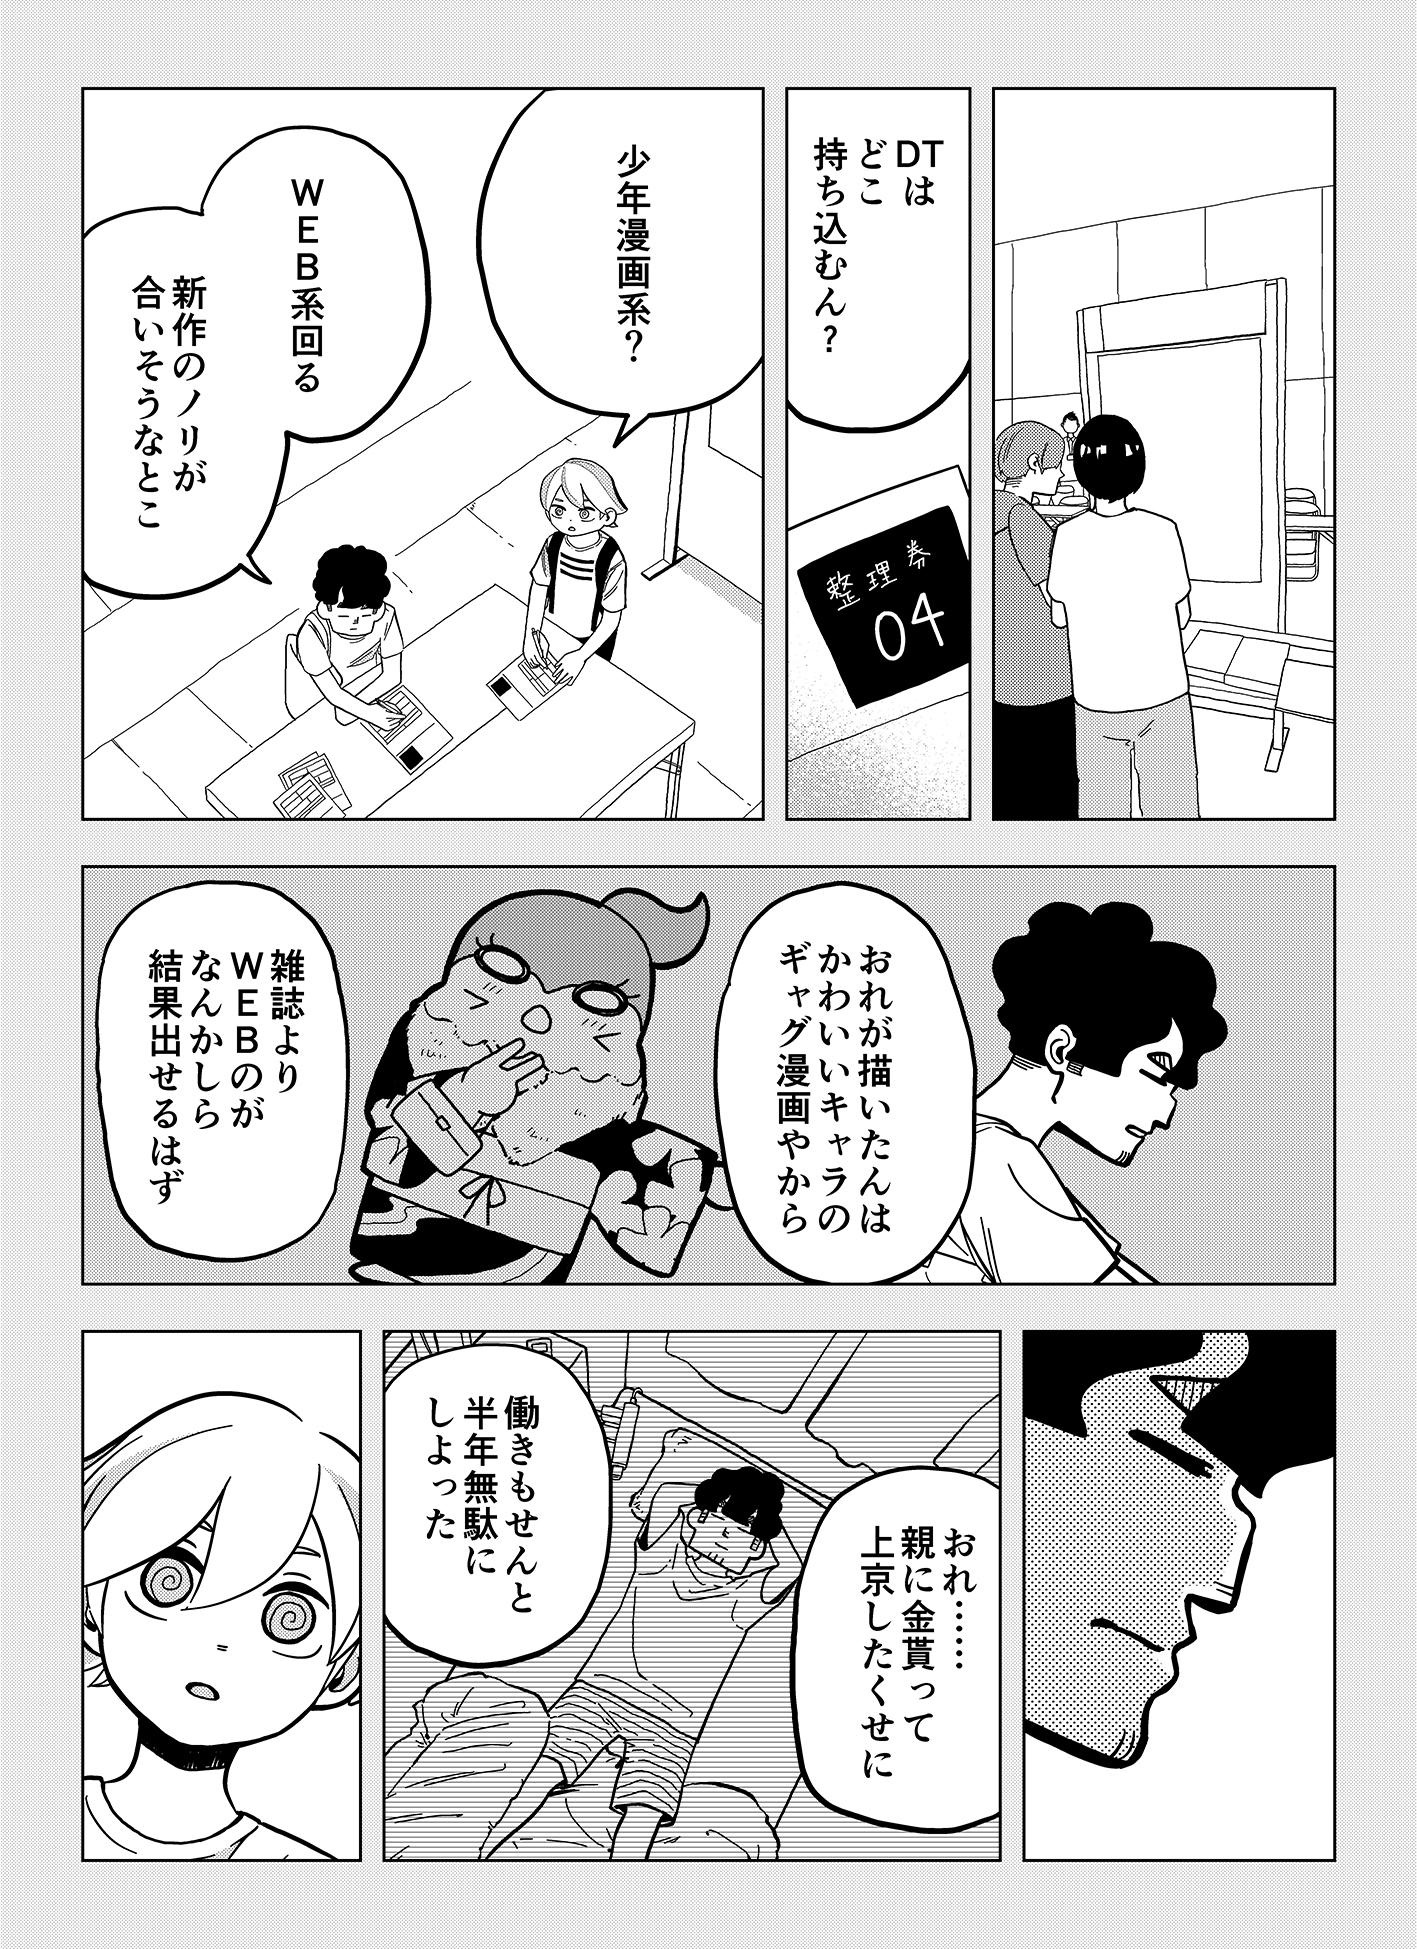 share14_02